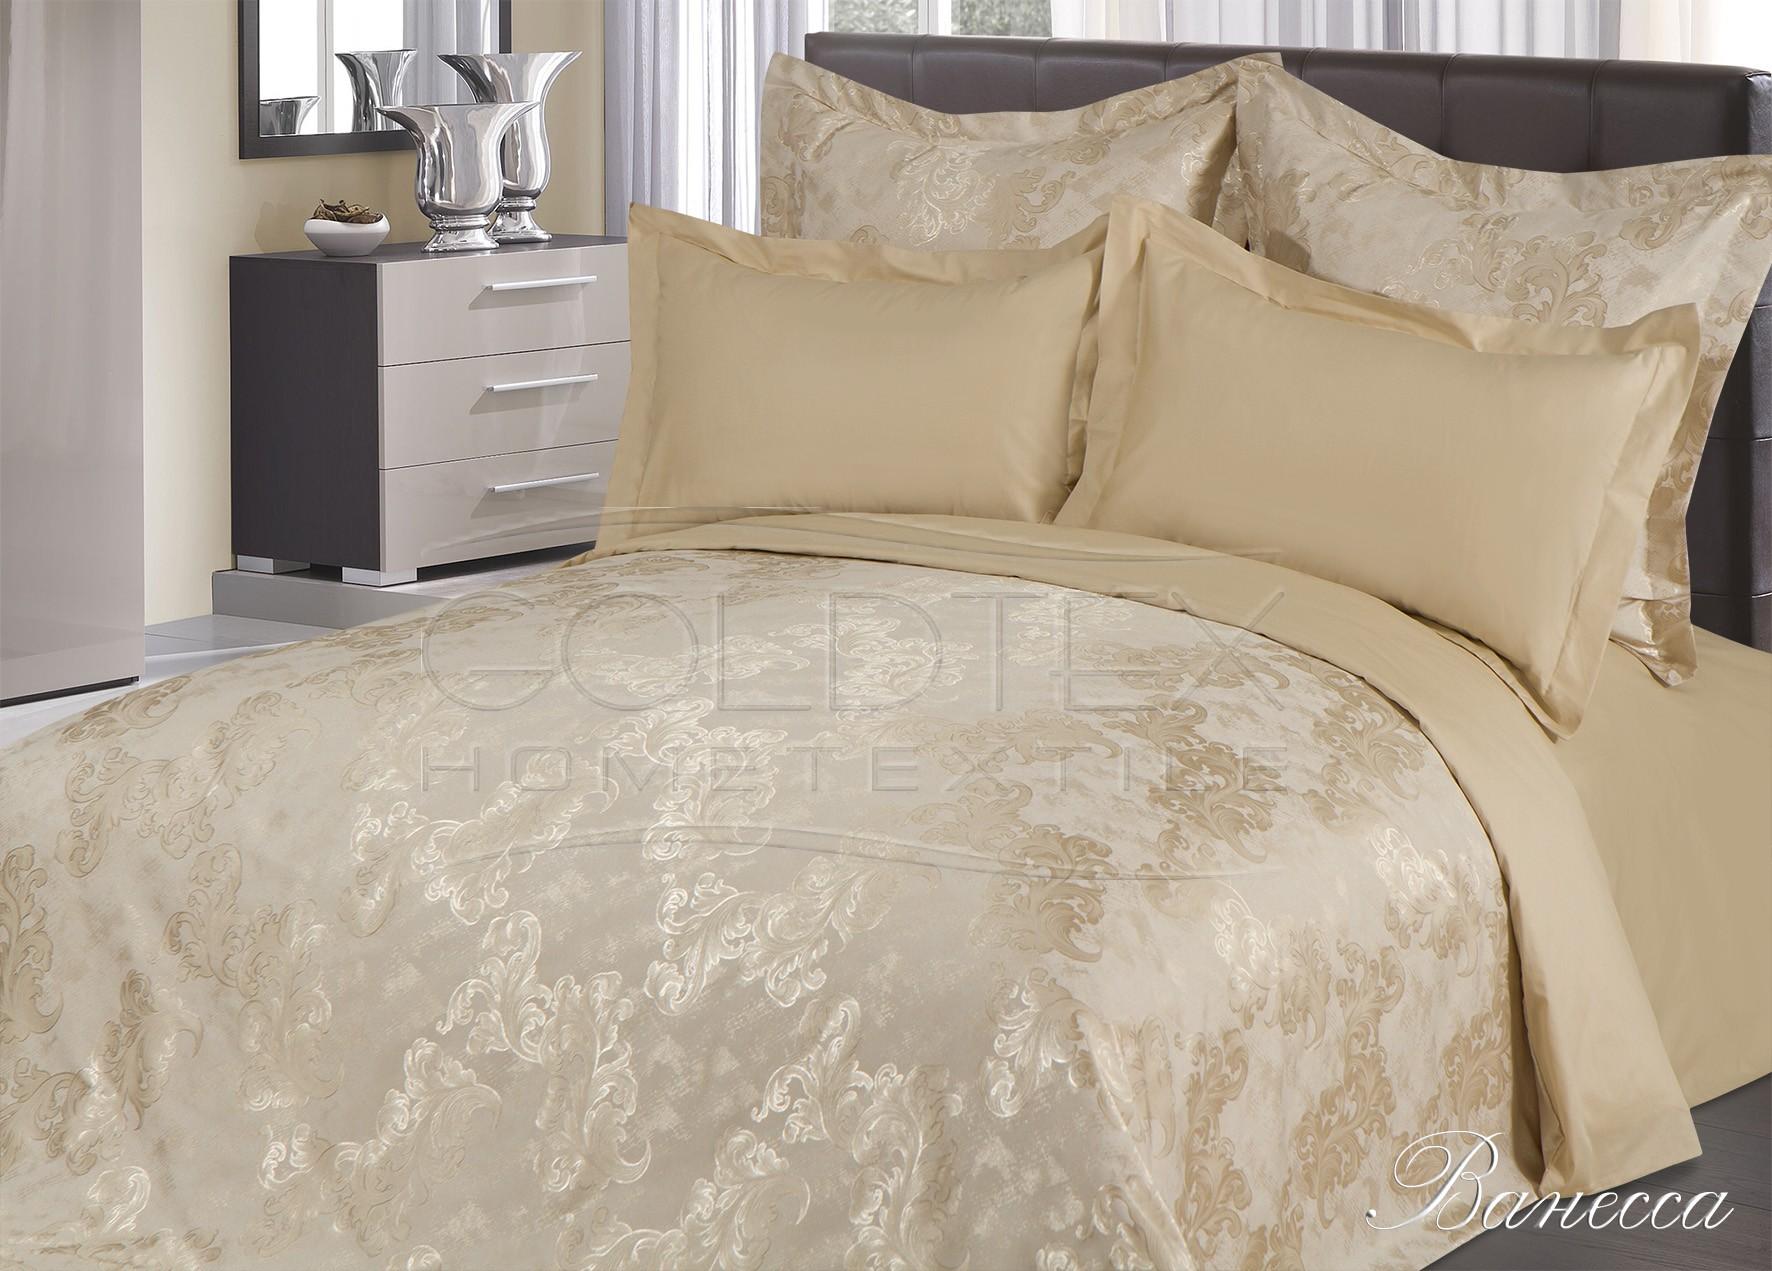 Комплект  Ванесса , размер 2,0-спальный с 4 наволочками - Постельное белье артикул: 10661